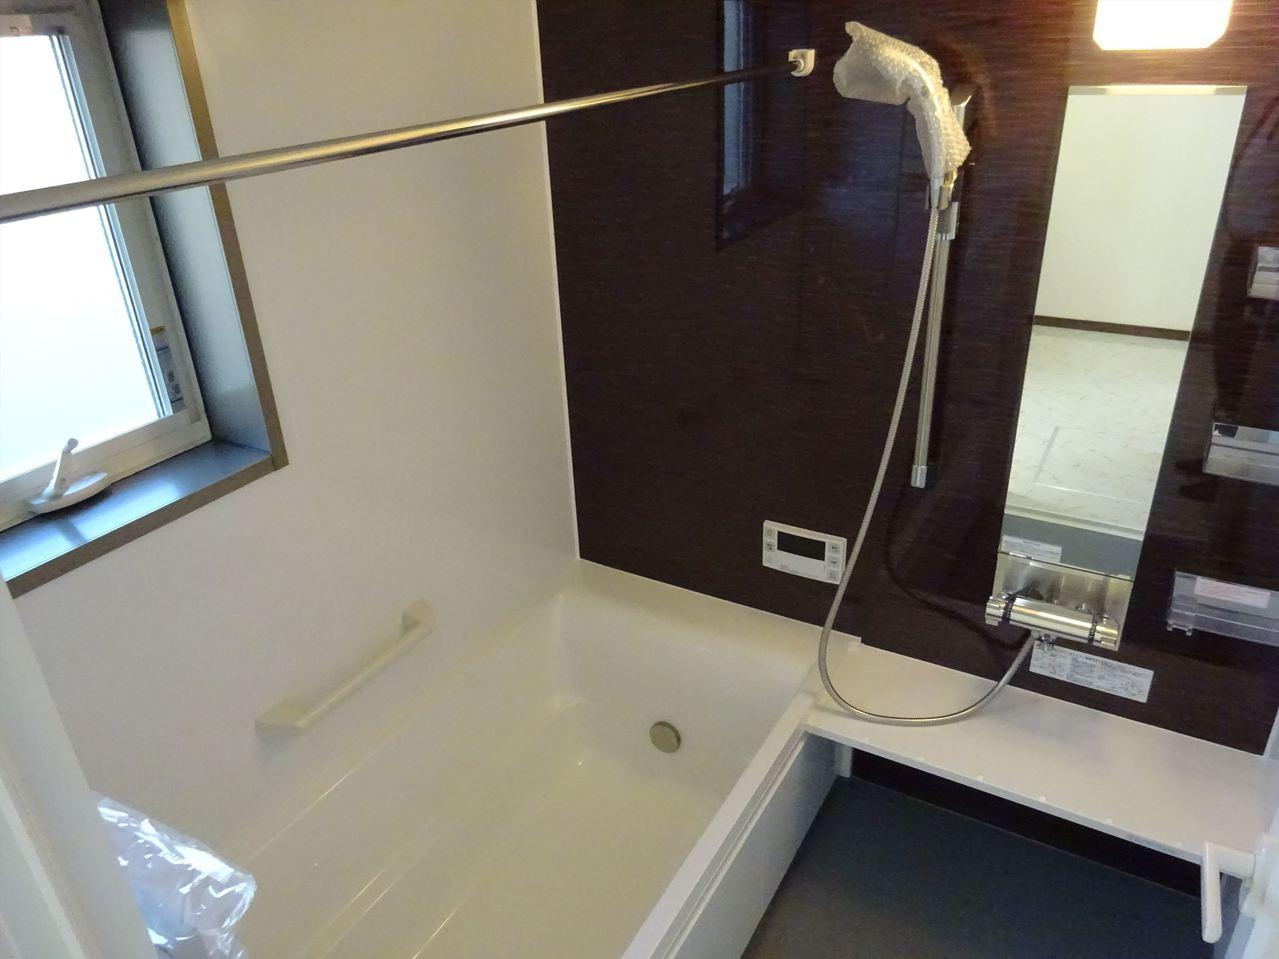 落ち着いた雰囲気の浴室はリラックスするバスタイムにはピッタリ!物を置くスペースも充実していますので、バスグッズを置いてリラックスタイムを過ごしてみては(^^)